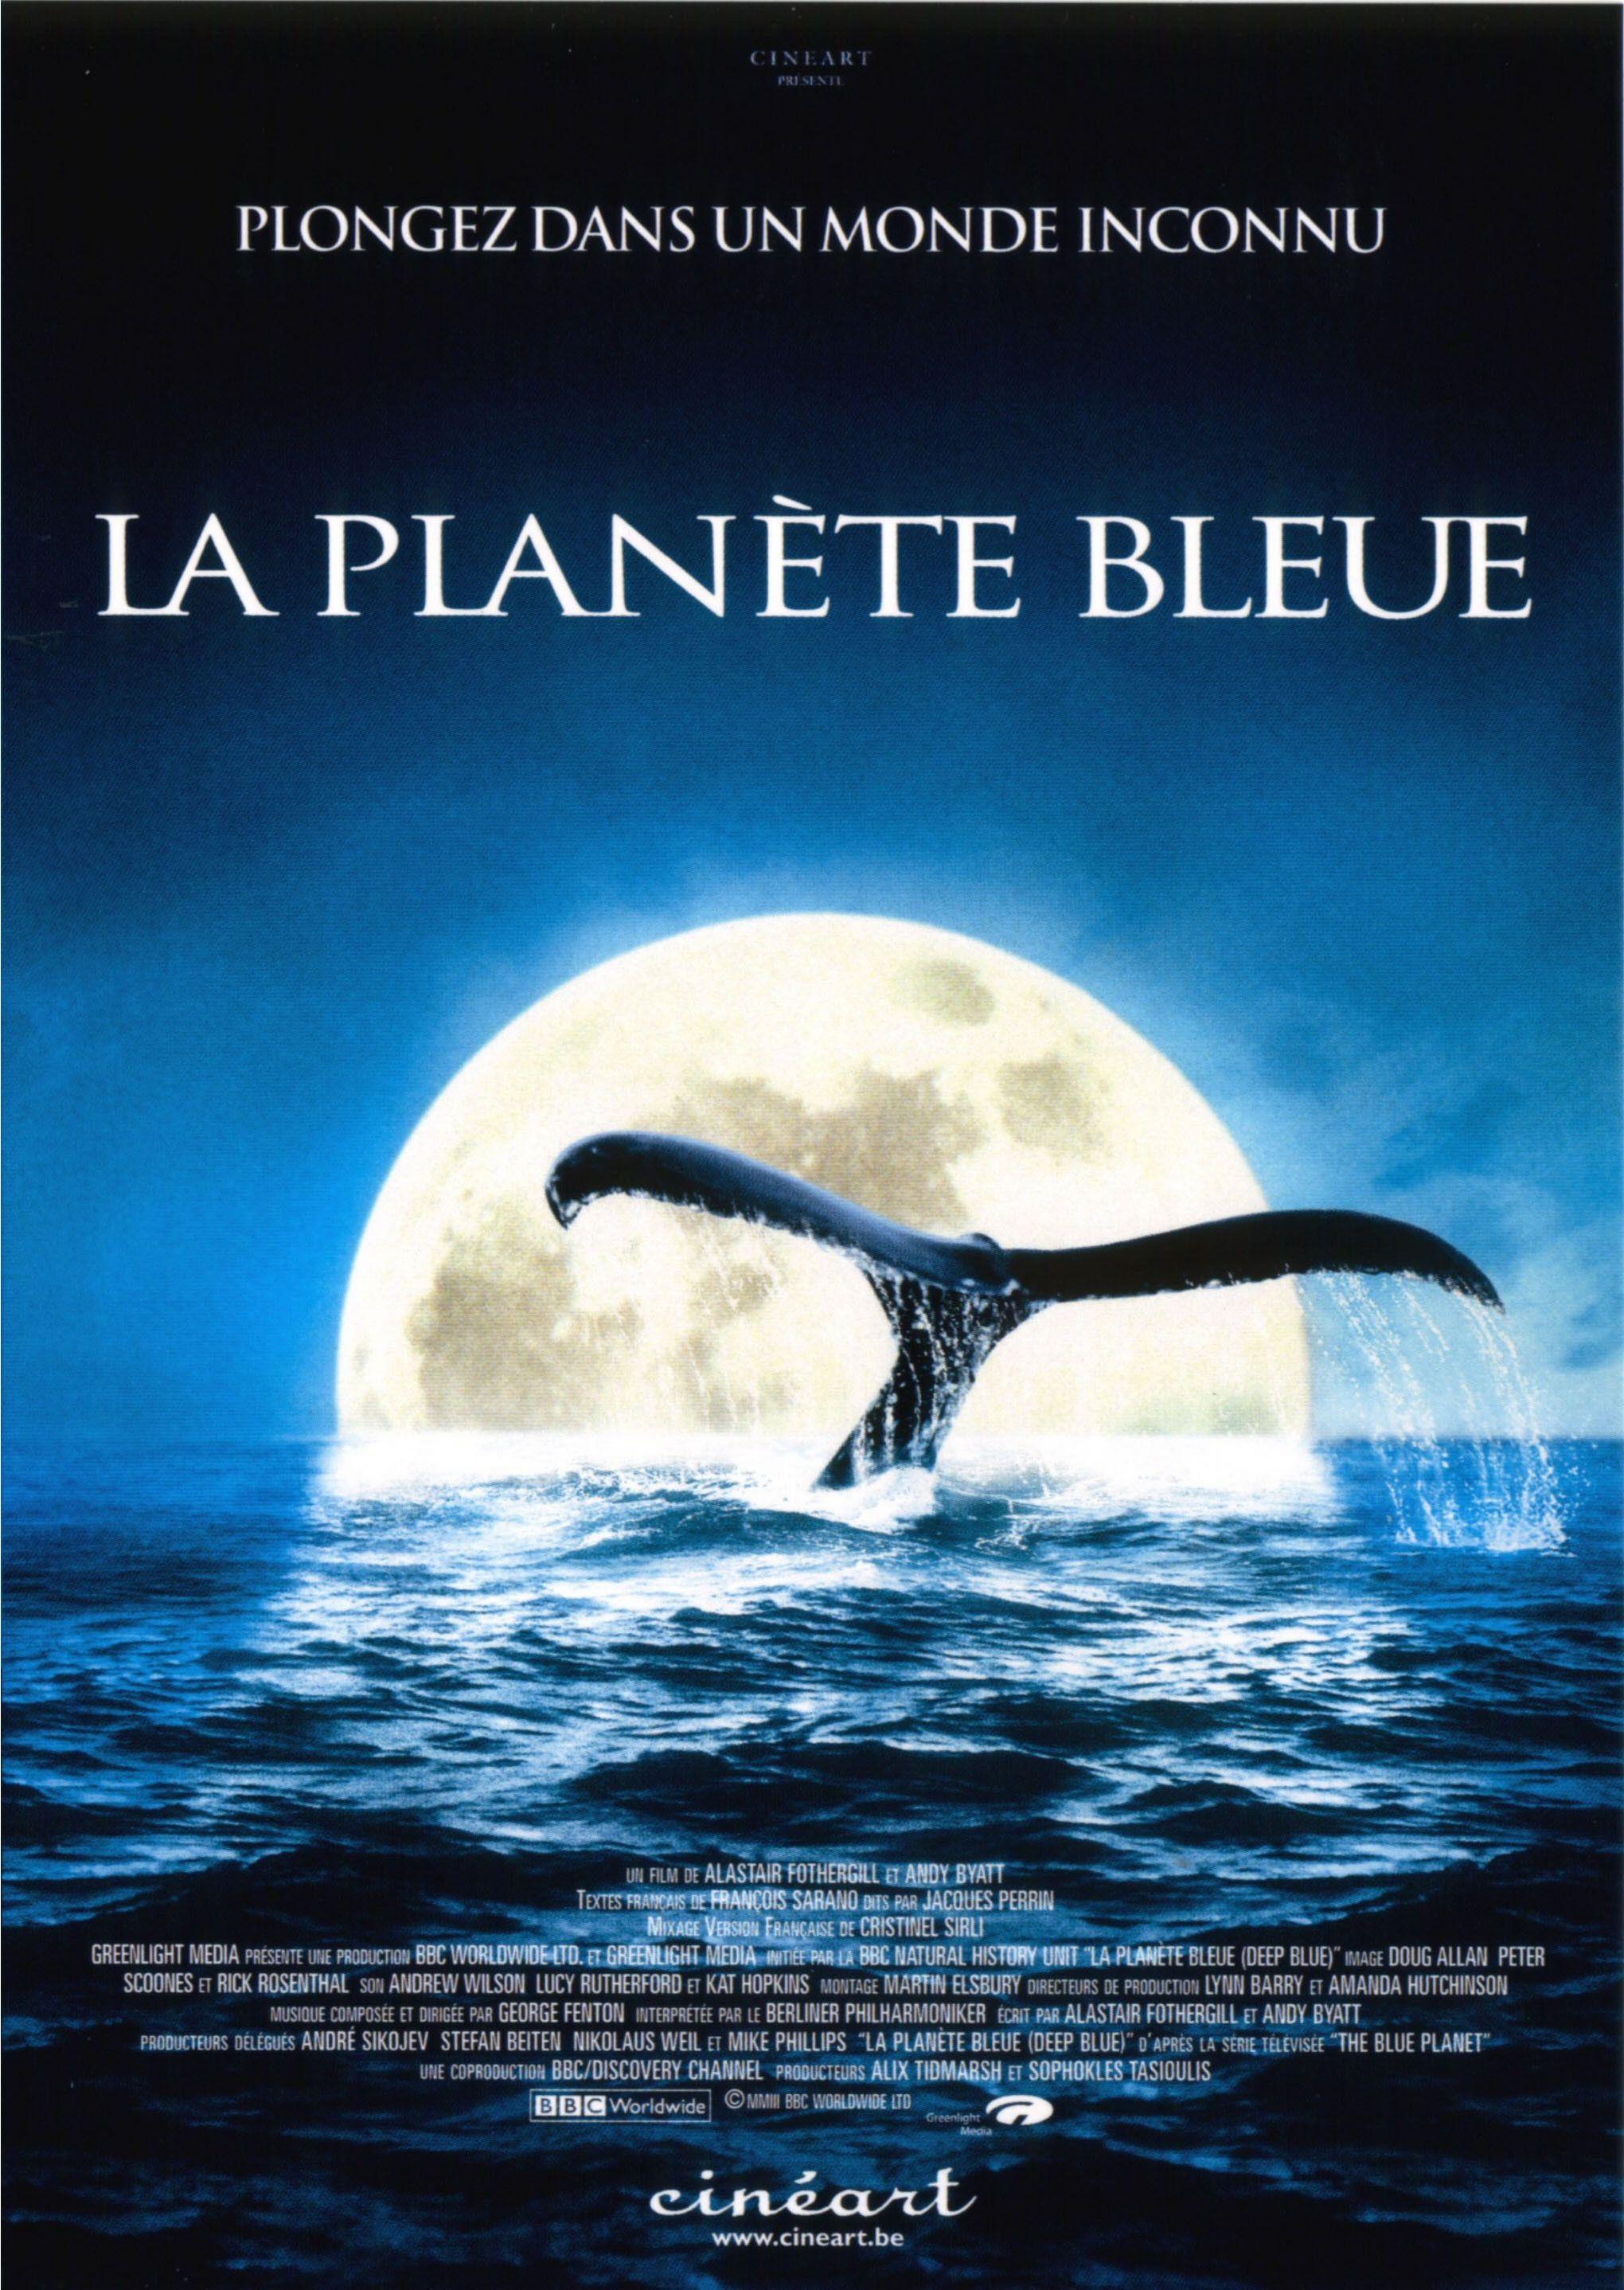 https://media.senscritique.com/media/000004637730/source_big/La_Planete_bleue.jpg